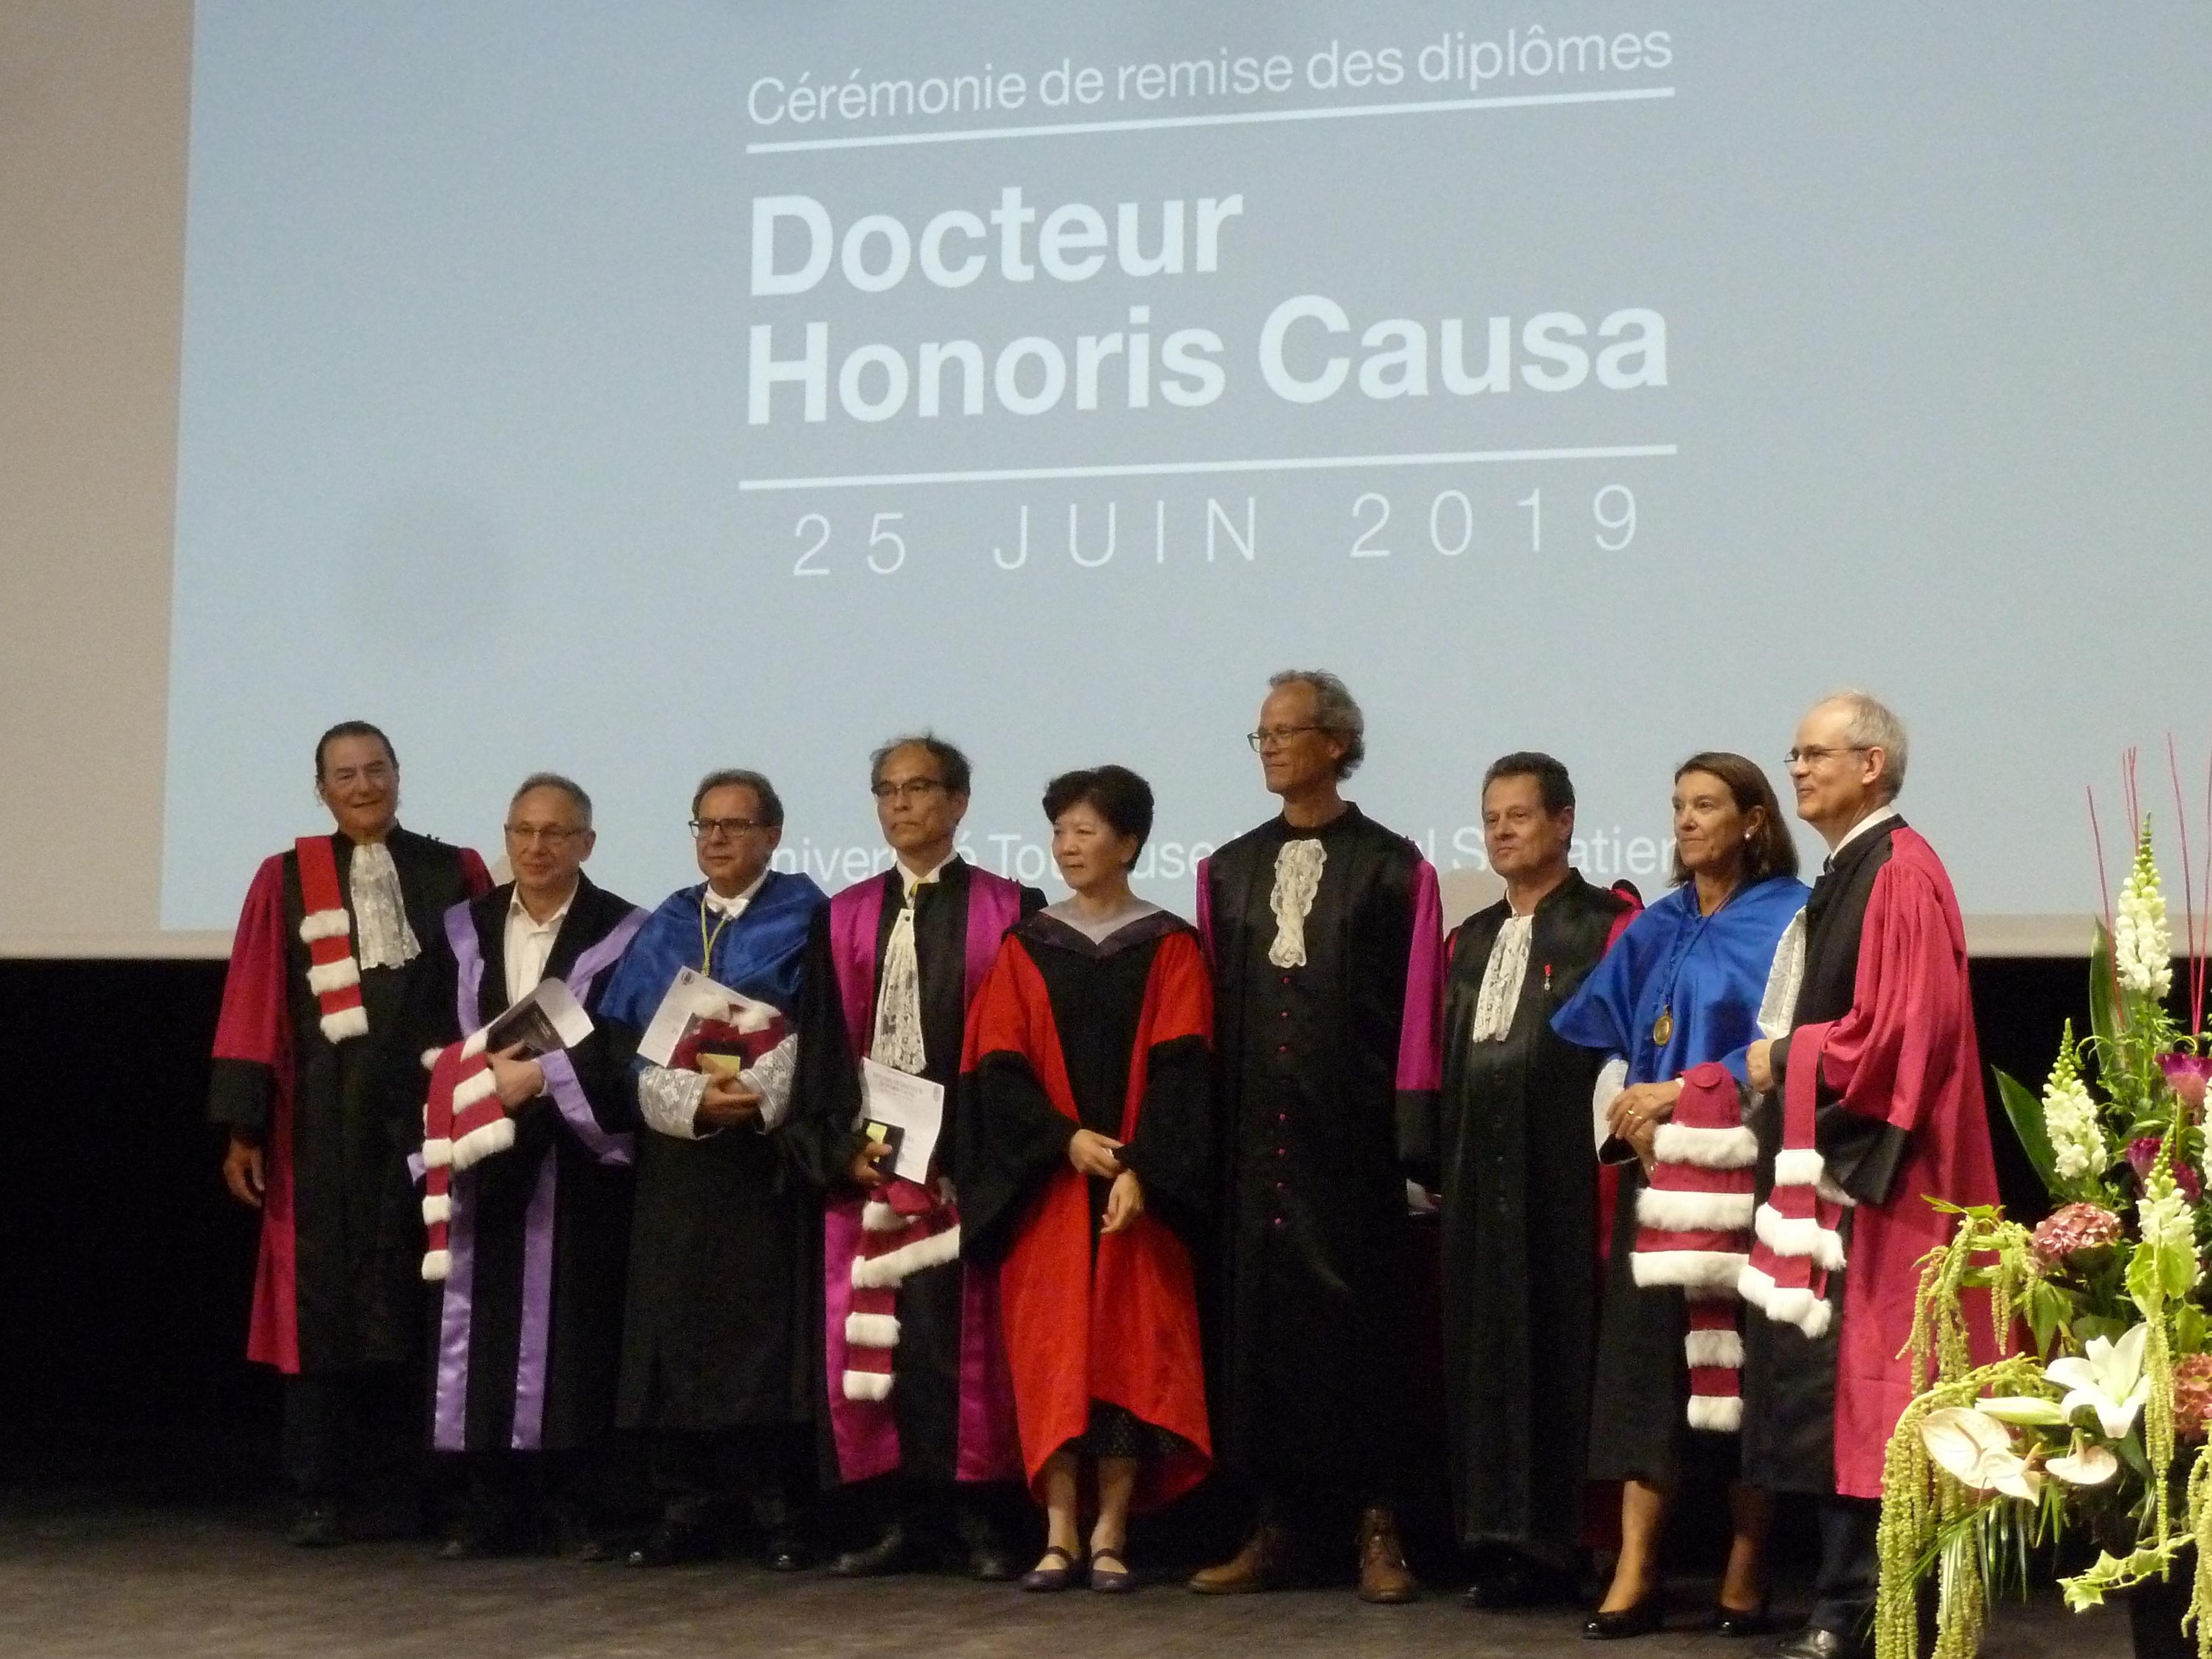 Verleihung der Ehrendoktorwürde in Toulouse